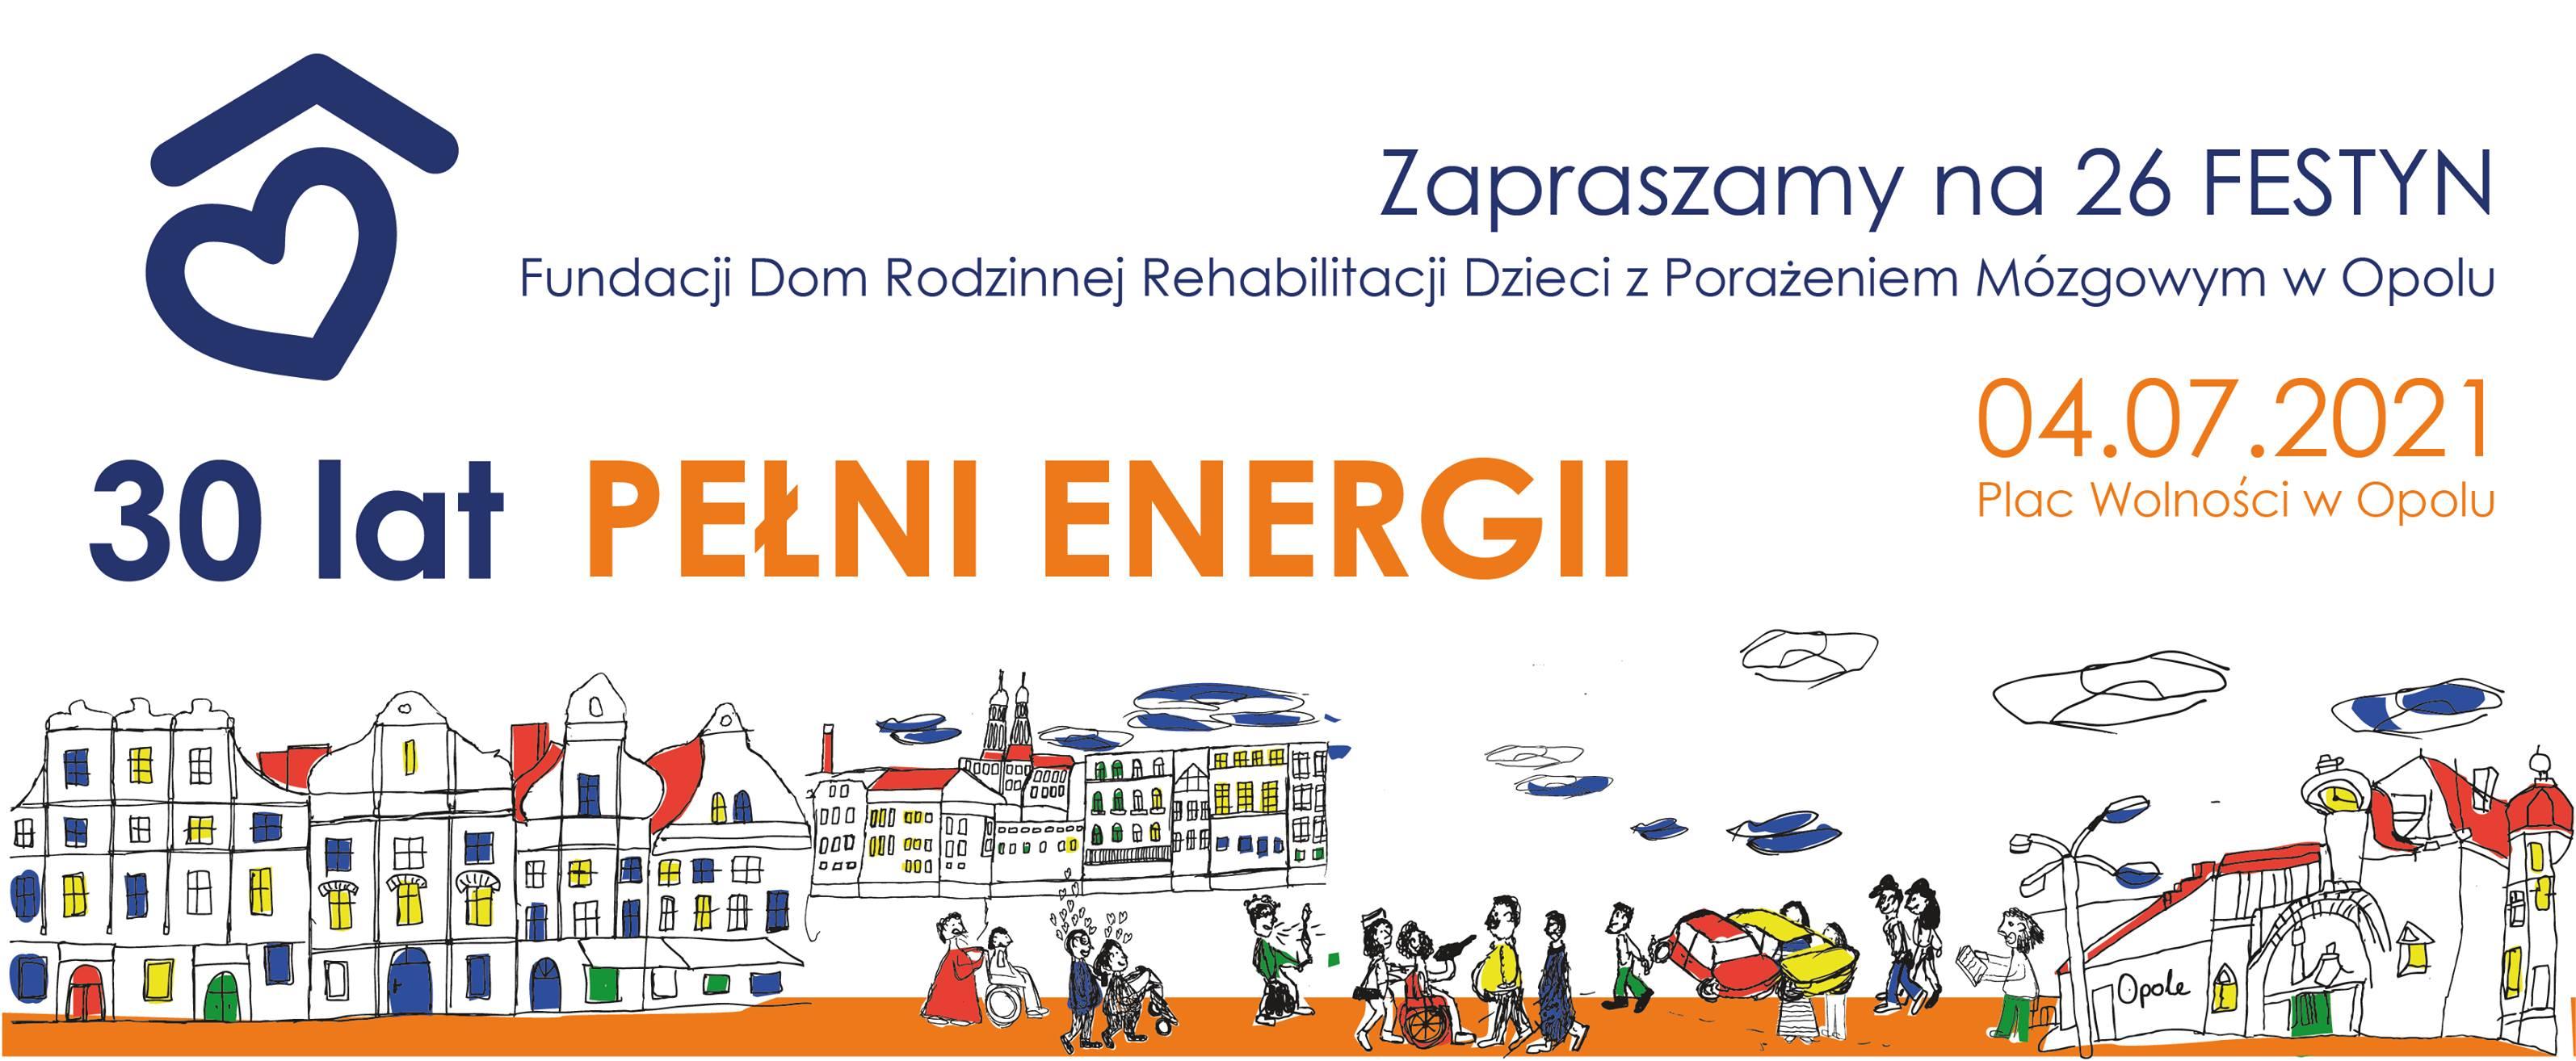 Festyn Fundacji DOM - wyjątkowy, bo jubileuszowy. Przyjdź w niedzielę na pl. Wolności w Opolu!